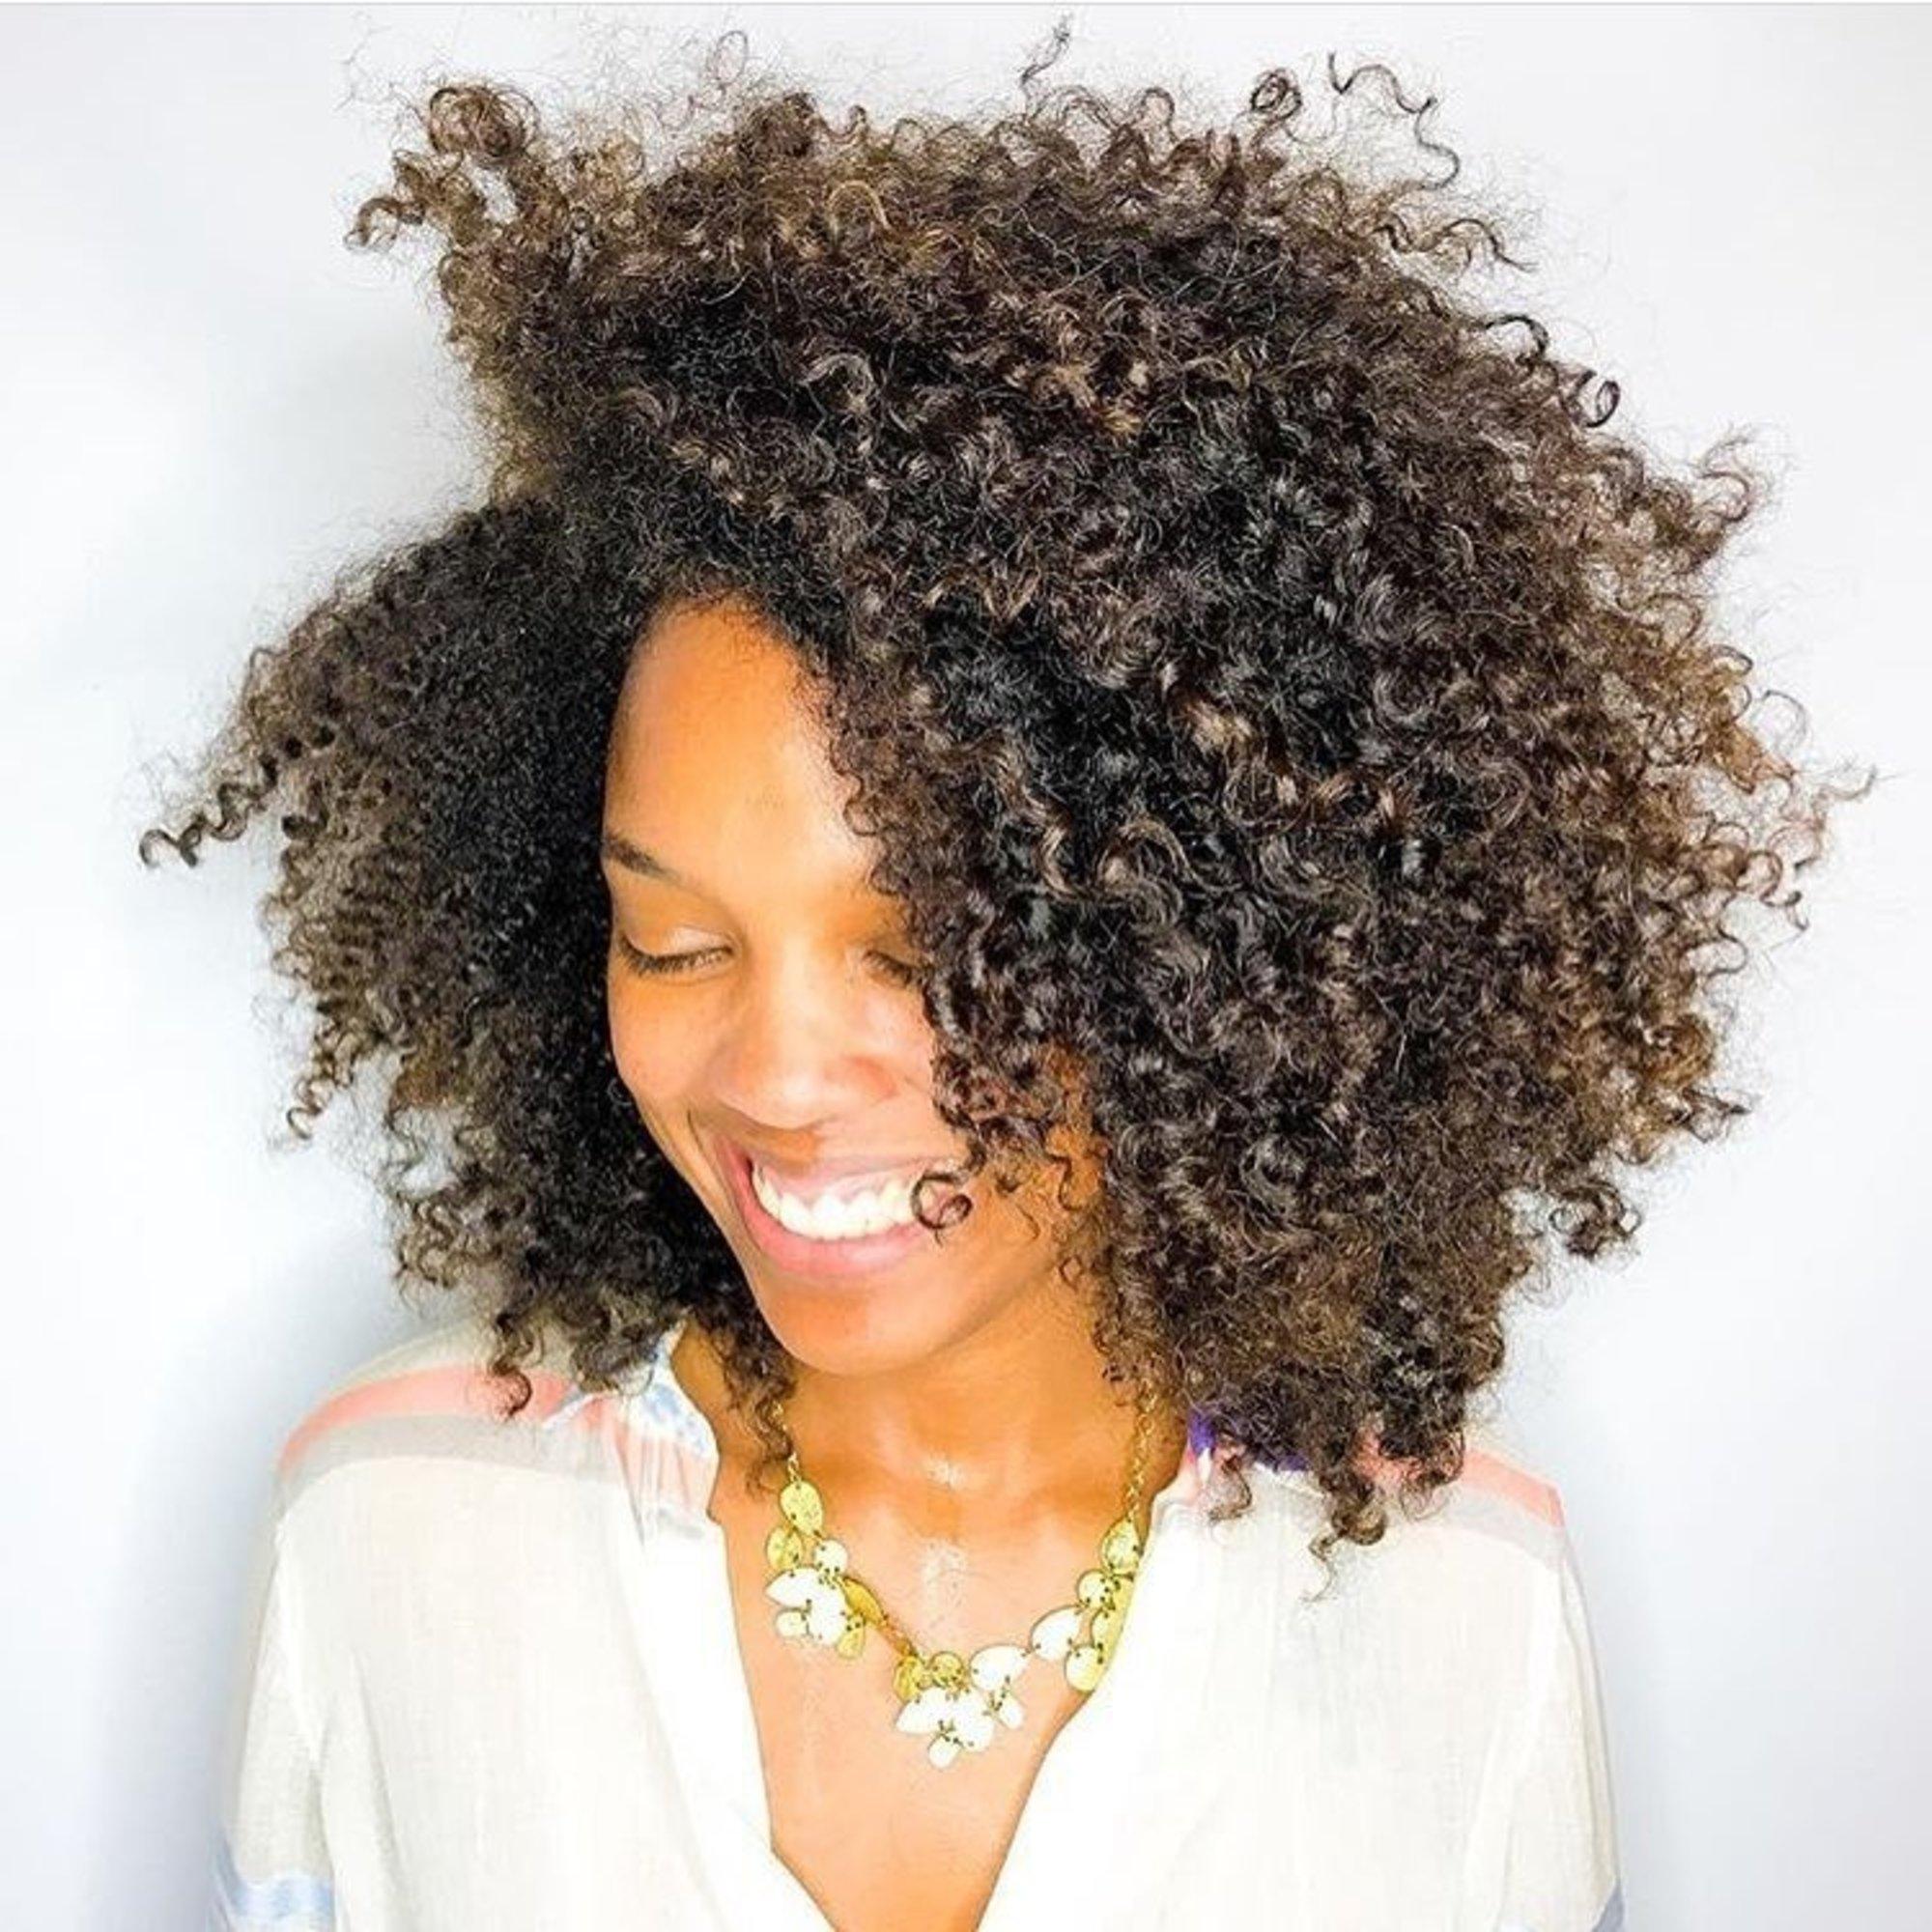 Afro lighten earrings clipart jpg transparent Finding black hair salons - thedooplex.com jpg transparent